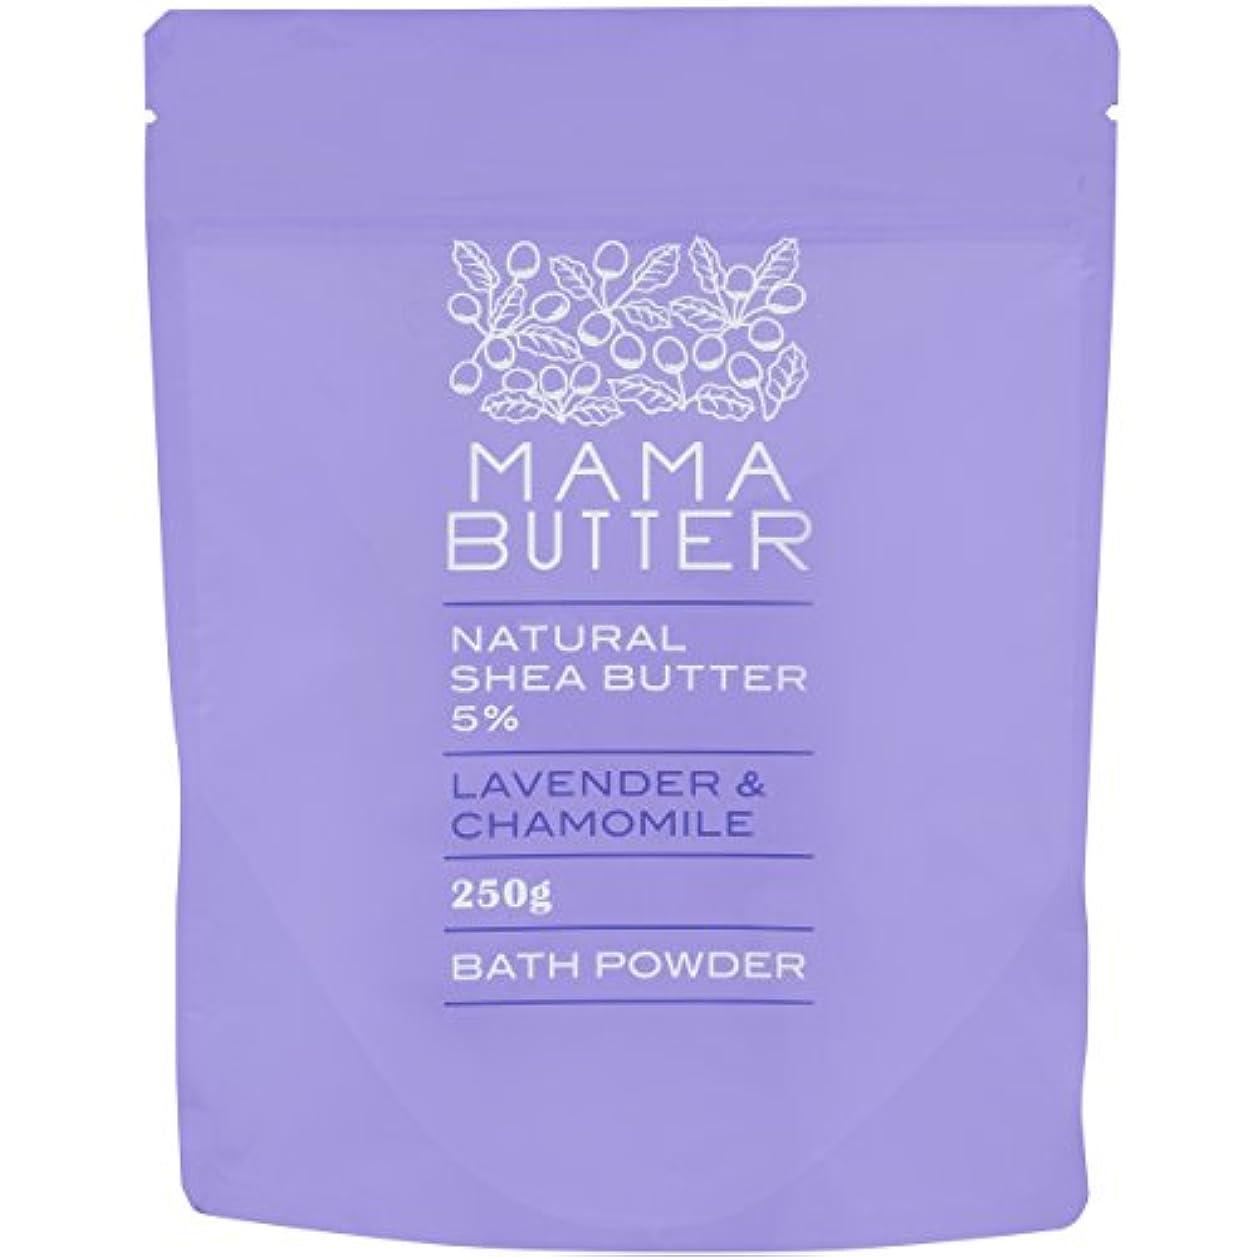 エネルギー市場既婚ママバター ナチュラル バスパウダー ラベンダー&カモミールの香り 250g